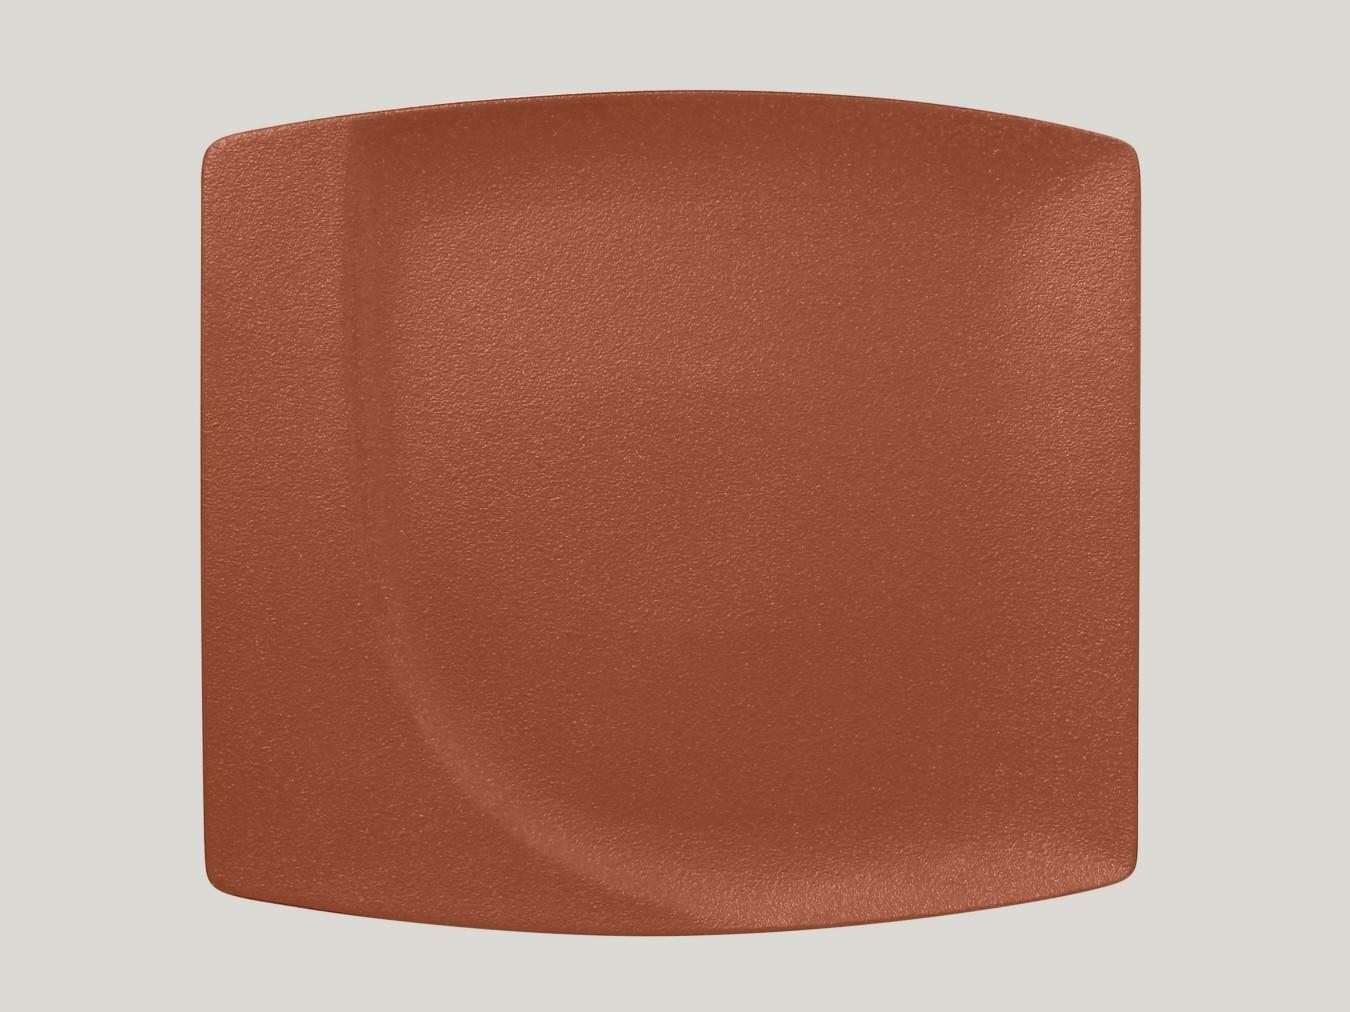 Čtvercový mělký talíř - hnědá Neofusion